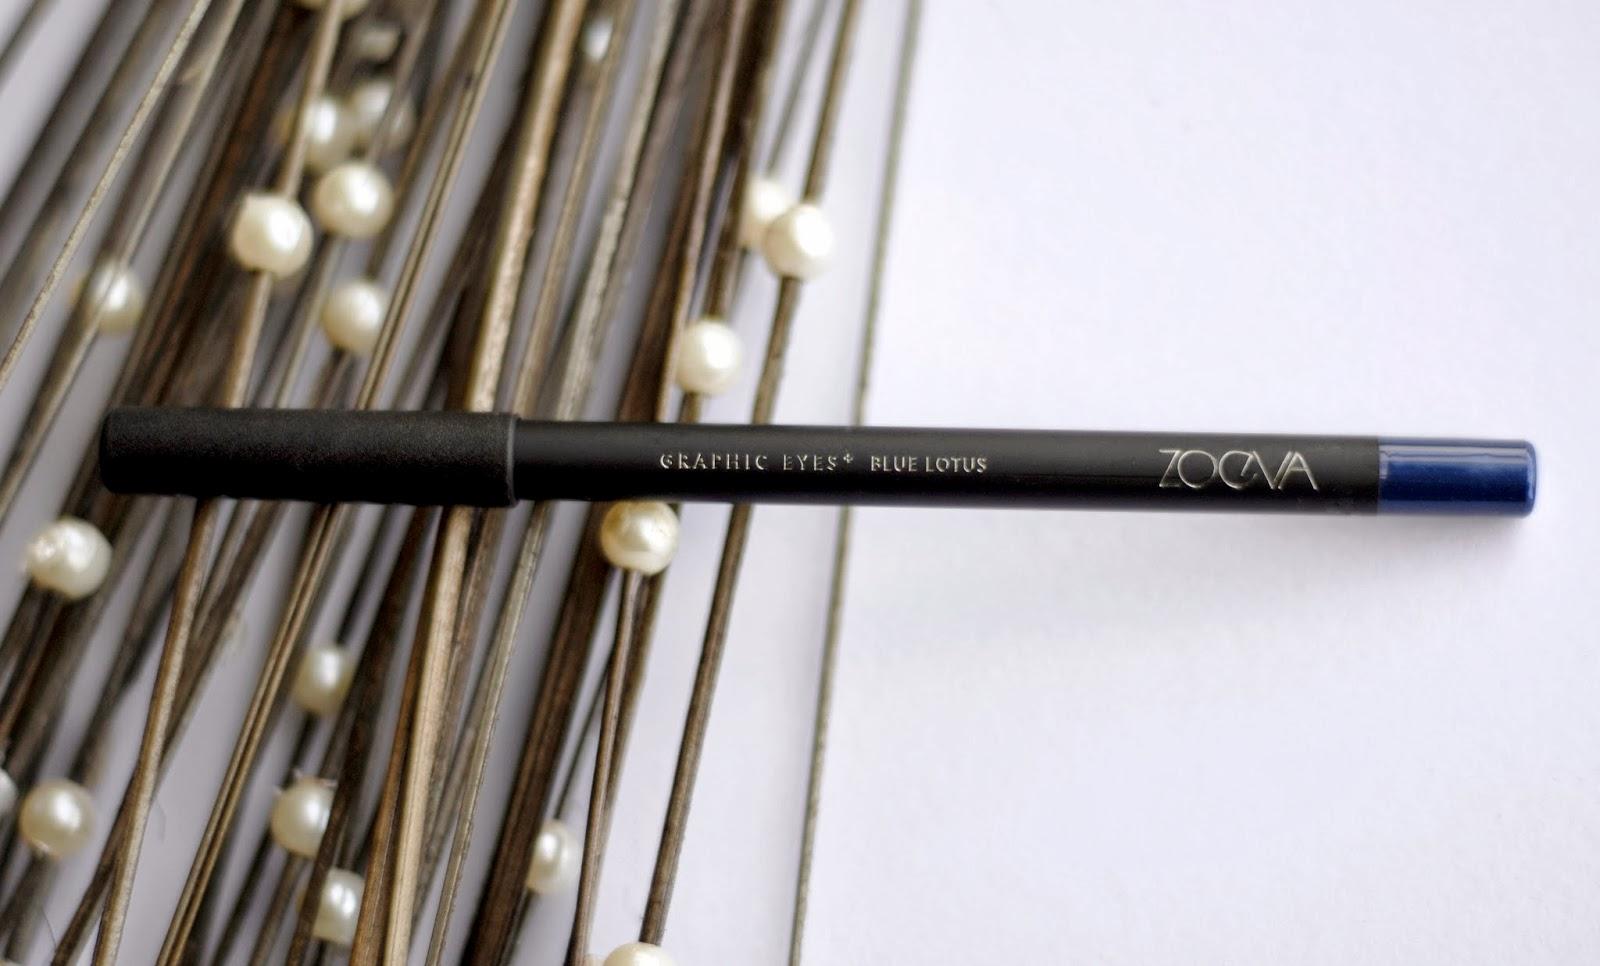 Zoeva Graphic Eyes+ Eyeliner in Blue Lotus